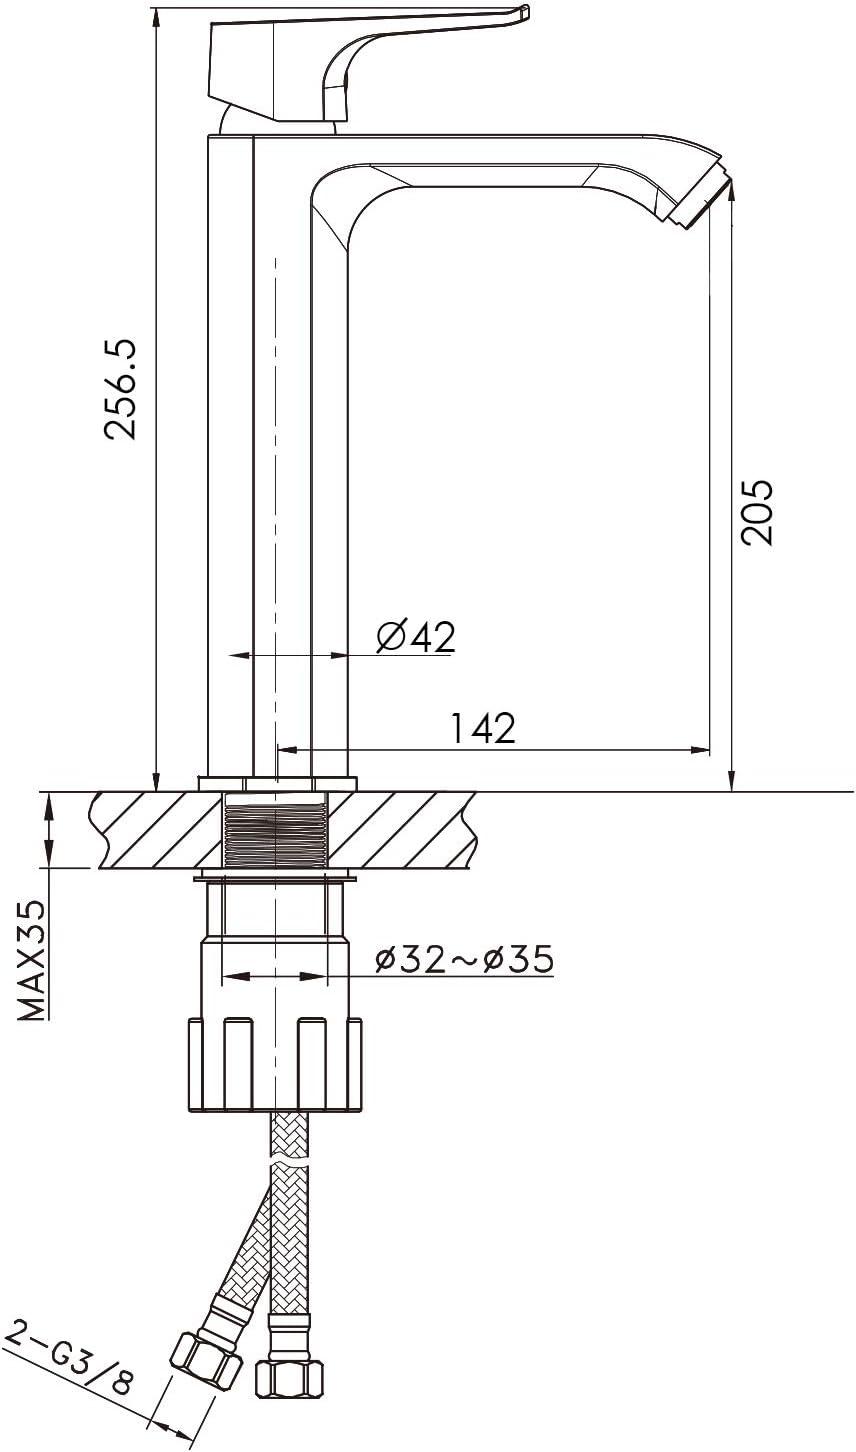 Chrom Waschtischarmatur Mischbatterie f/ür K/üche Sp/ülbecken aus 59 Messing amzdeal Wasserhahn 275mm Hoher Auslauf Sp/ülarmatur 360/° drehbar K/üchenarmatur